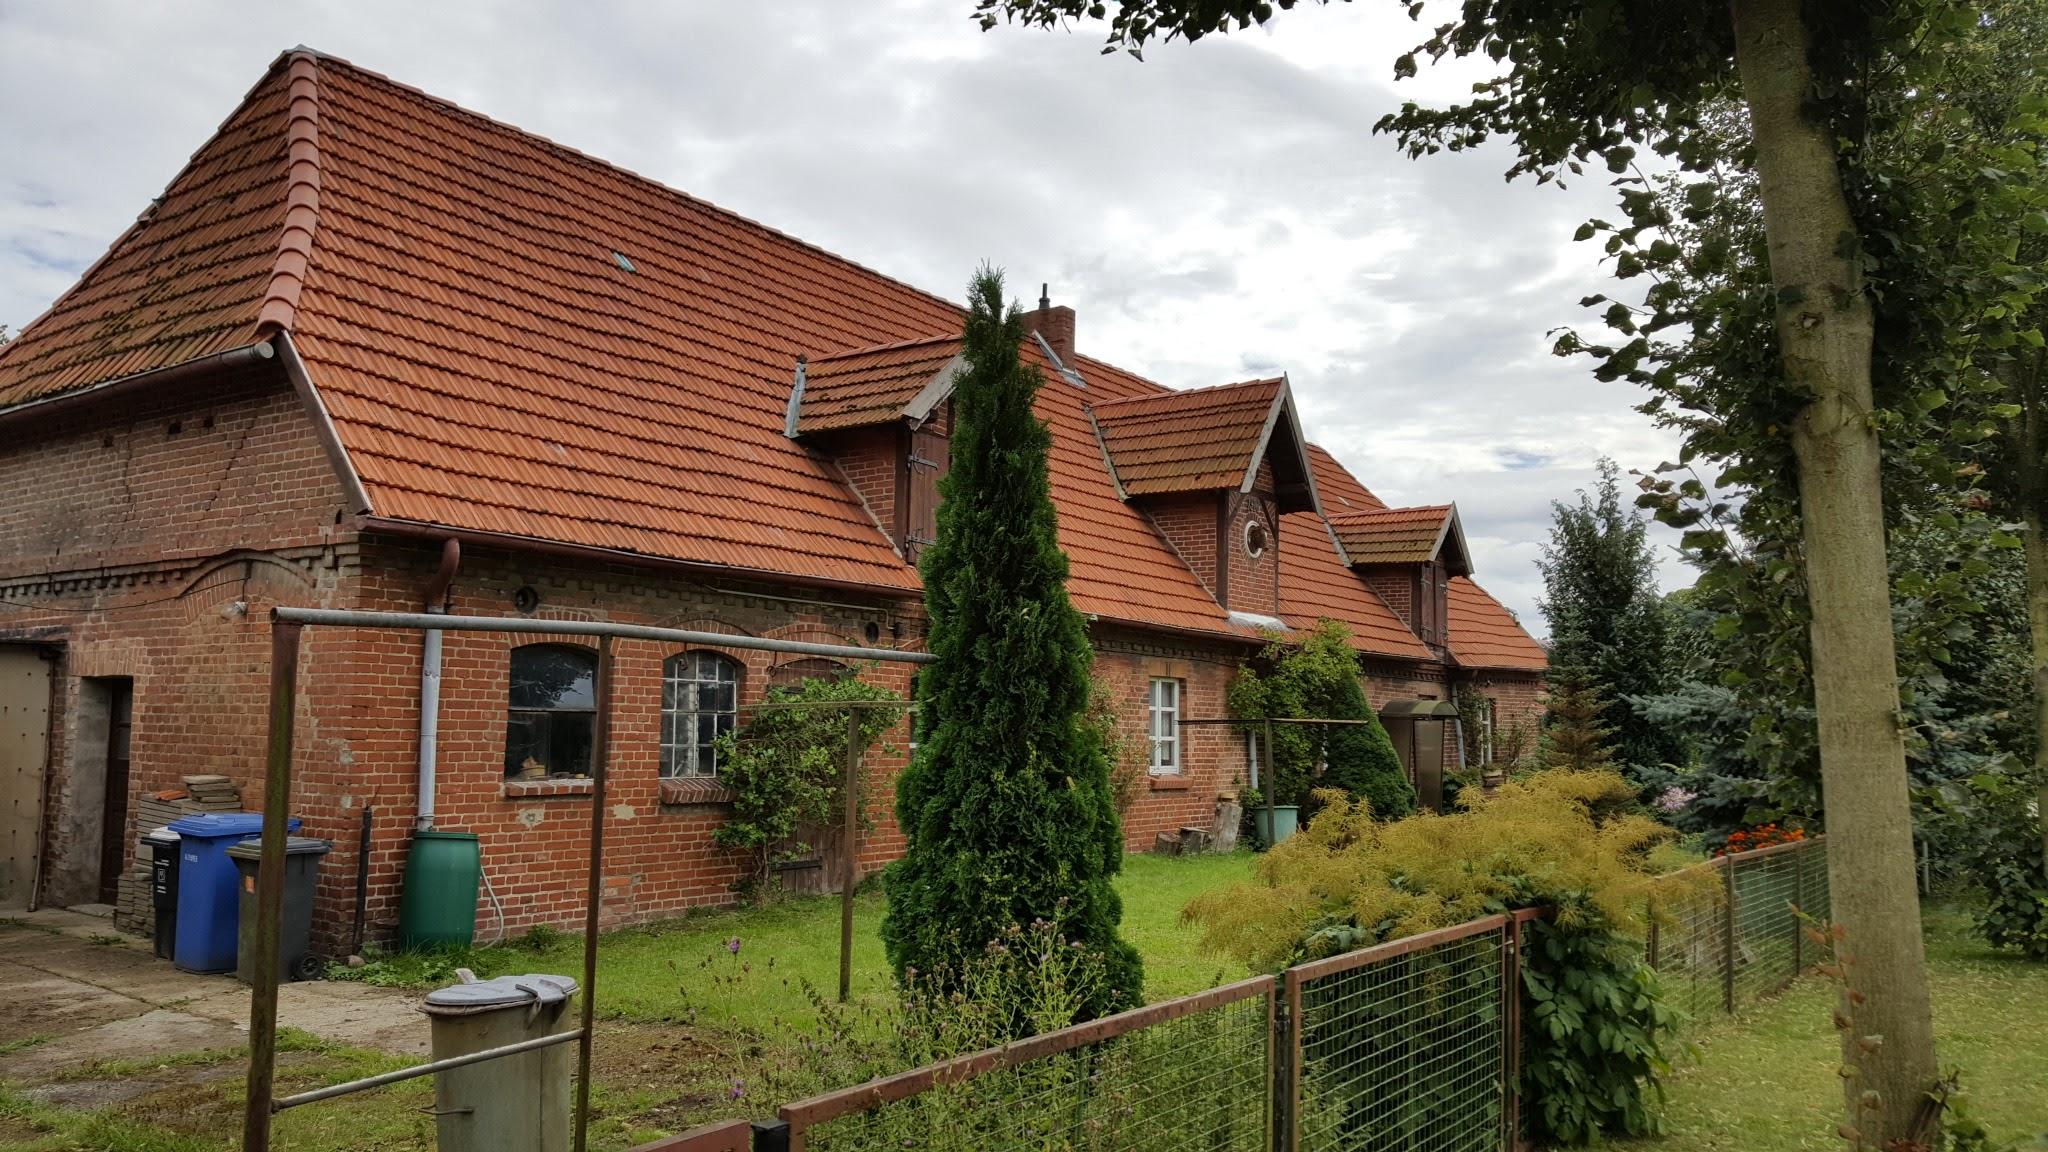 Ort Griebenow